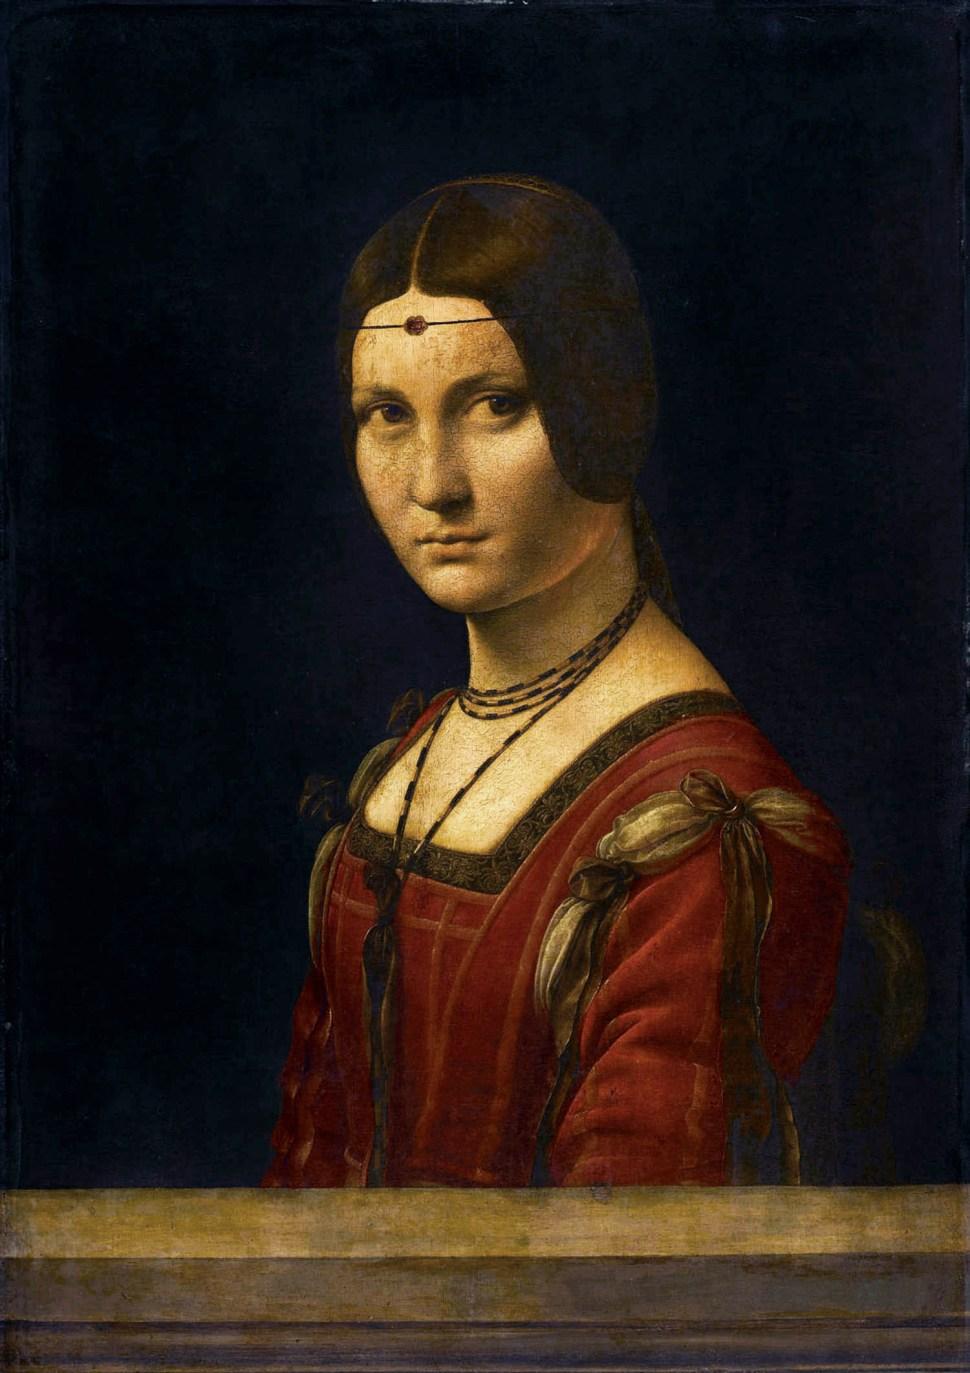 Leonardo da Vinci (attrib), la Belle Ferroniere